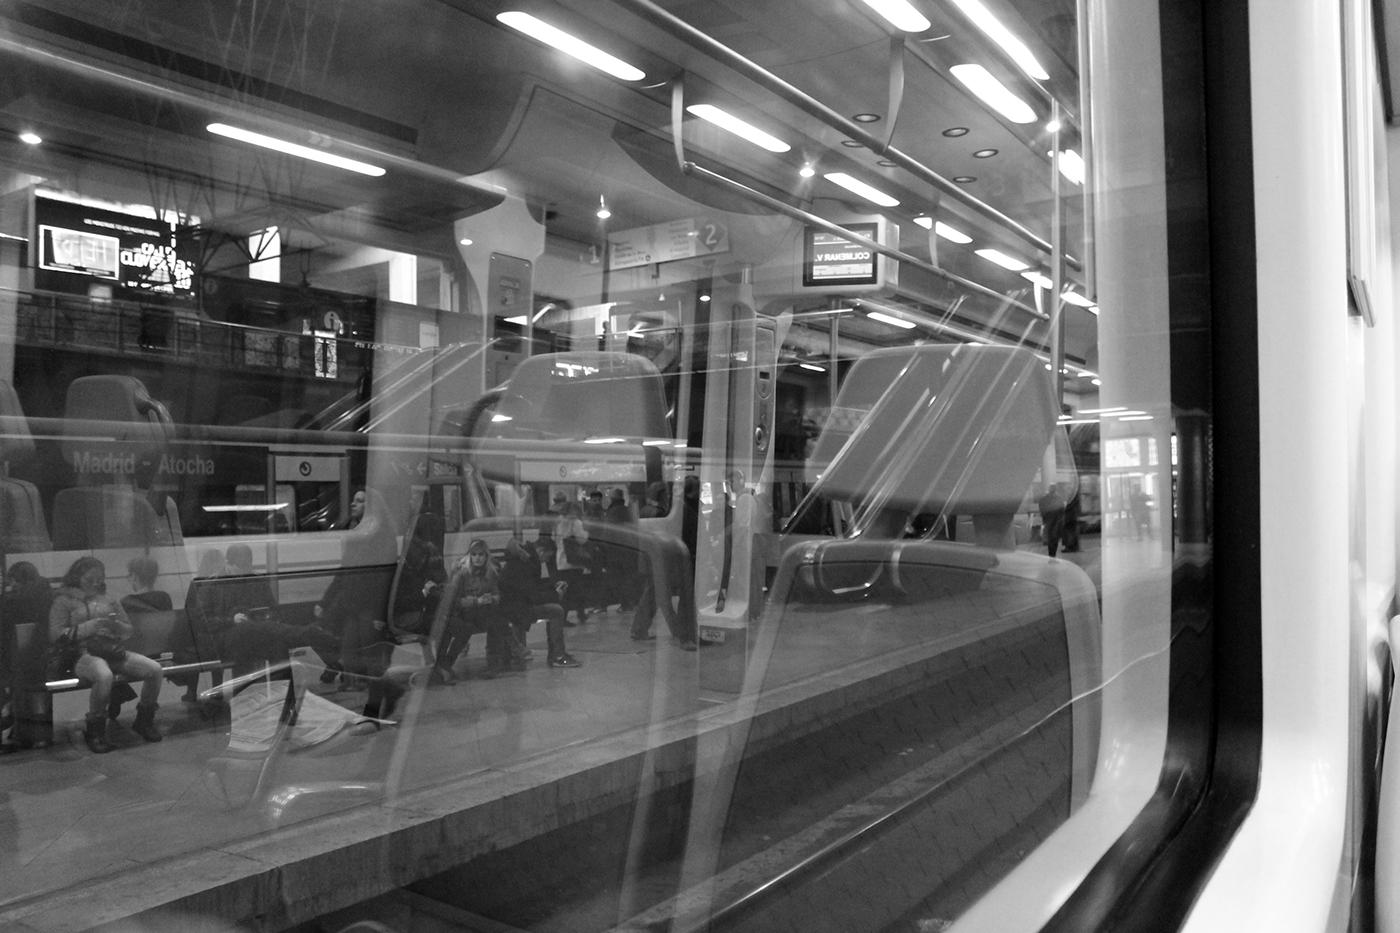 FERROCARRIL trenes tren train train rails vias estaciones train stations